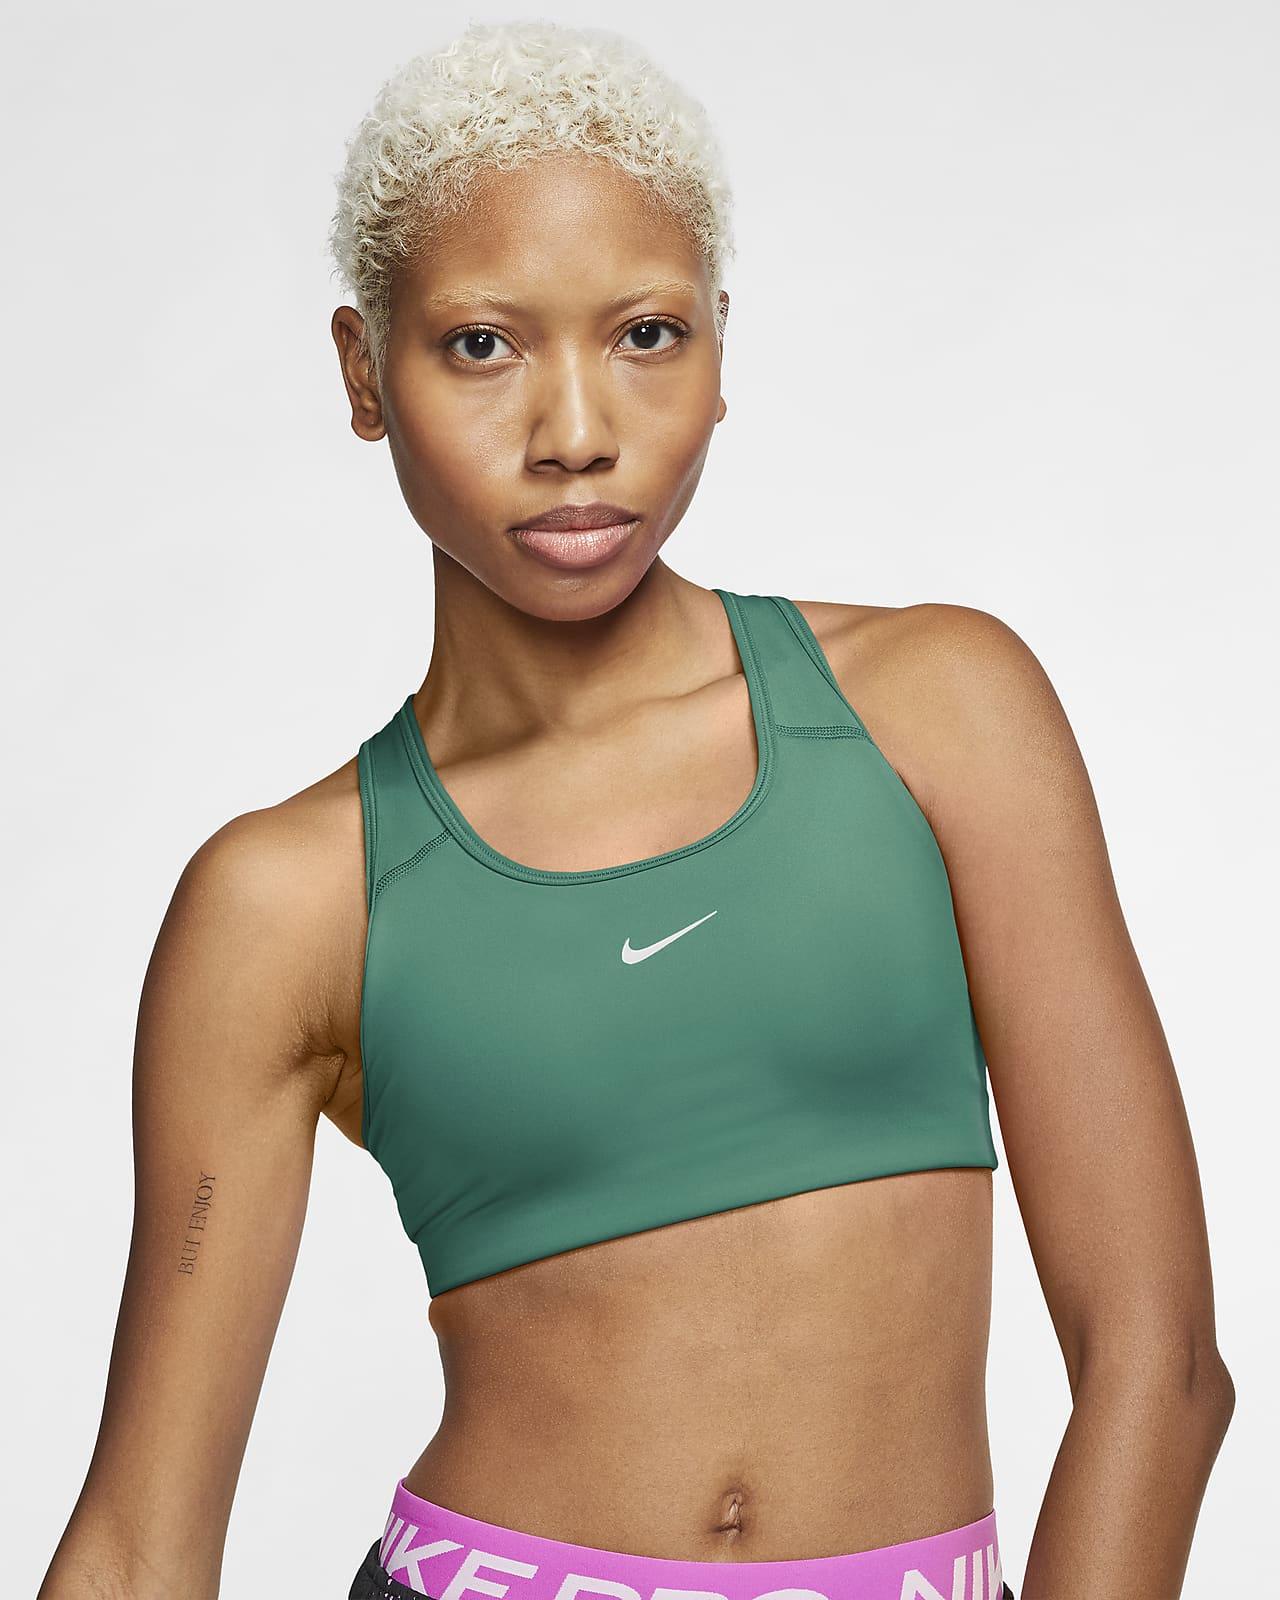 สปอร์ตบราผู้หญิงซัพพอร์ตระดับกลางมีแผ่นฟองน้ำ 1 ชิ้น Nike Swoosh